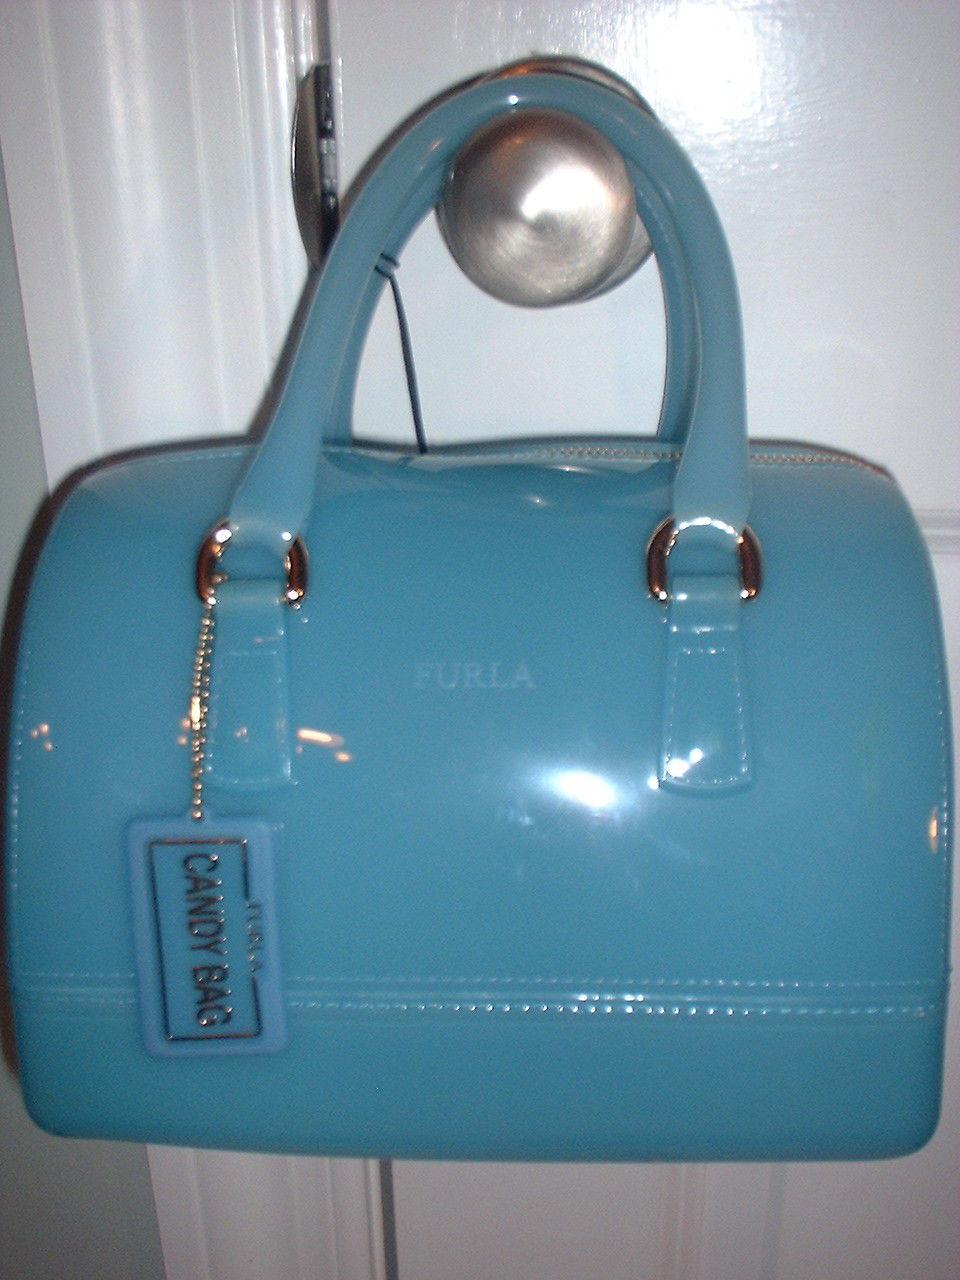 美国代购Furla芙拉Candy包手提包Jelly Turchese蓝色